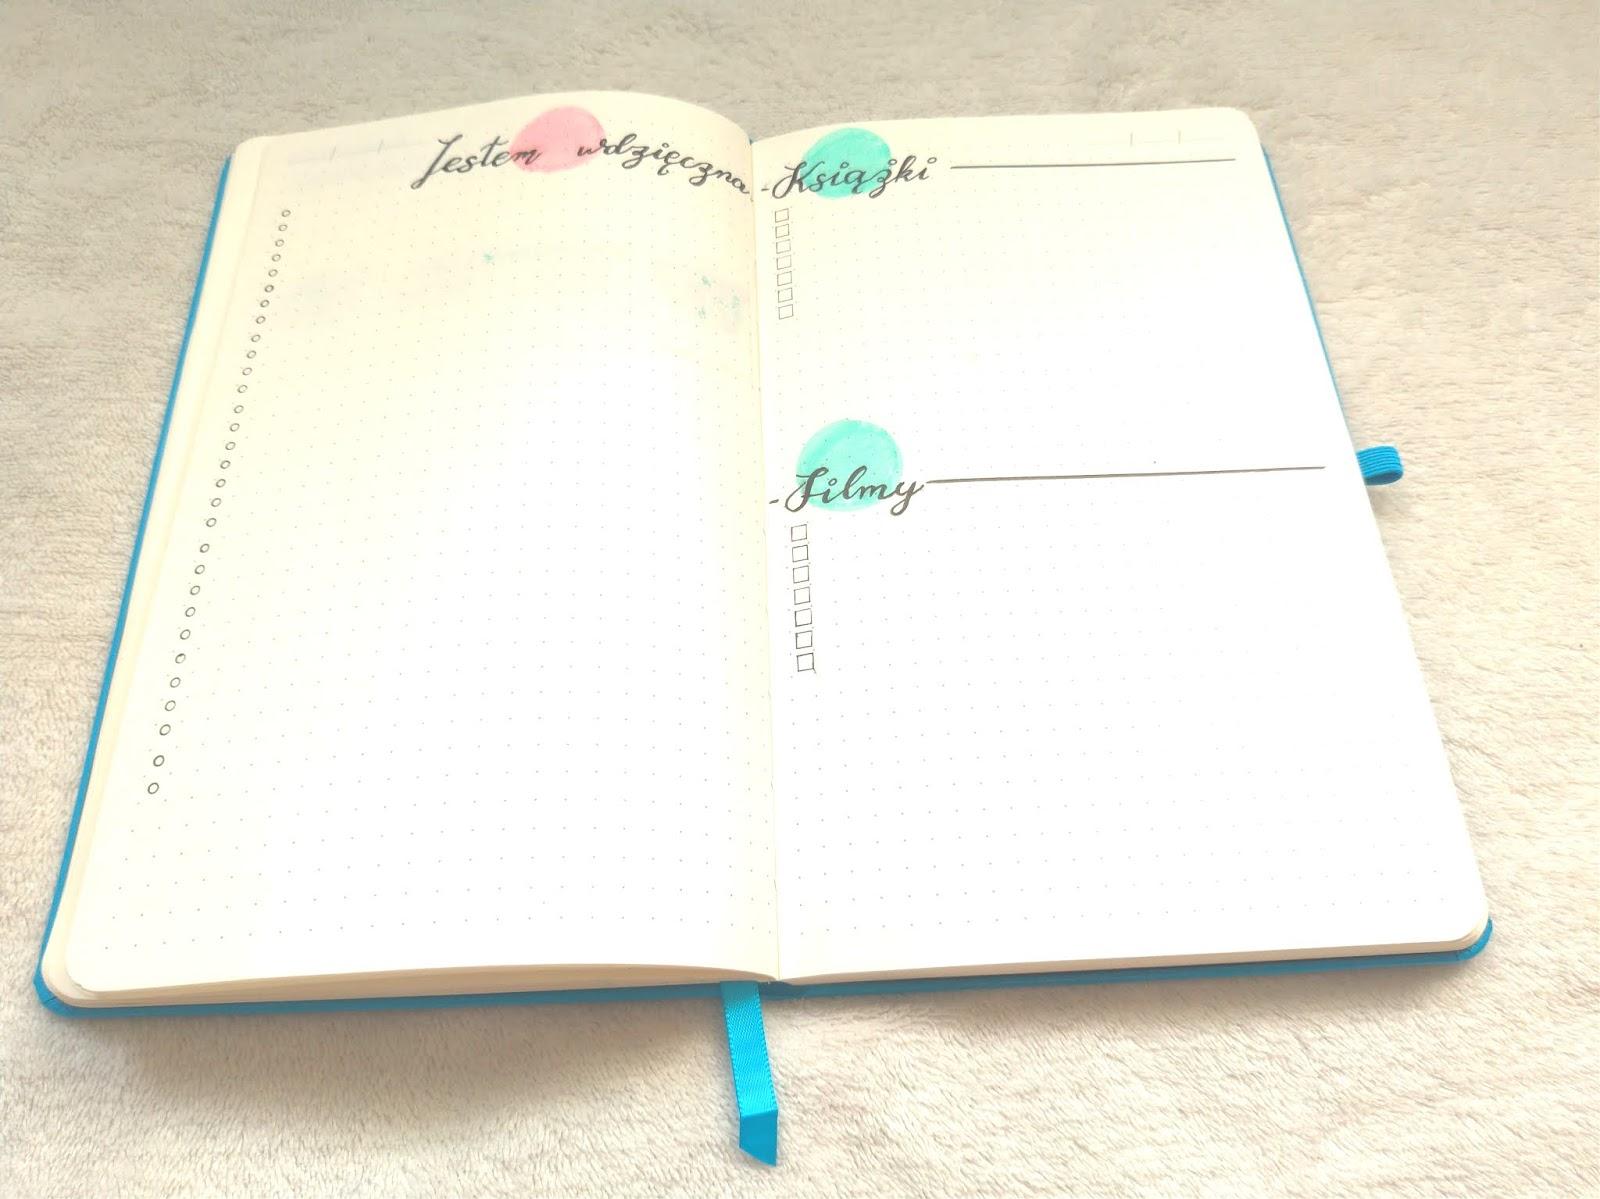 kolekcje w Bullet Journal: dziennik wdzięczności oraz filmy i książki